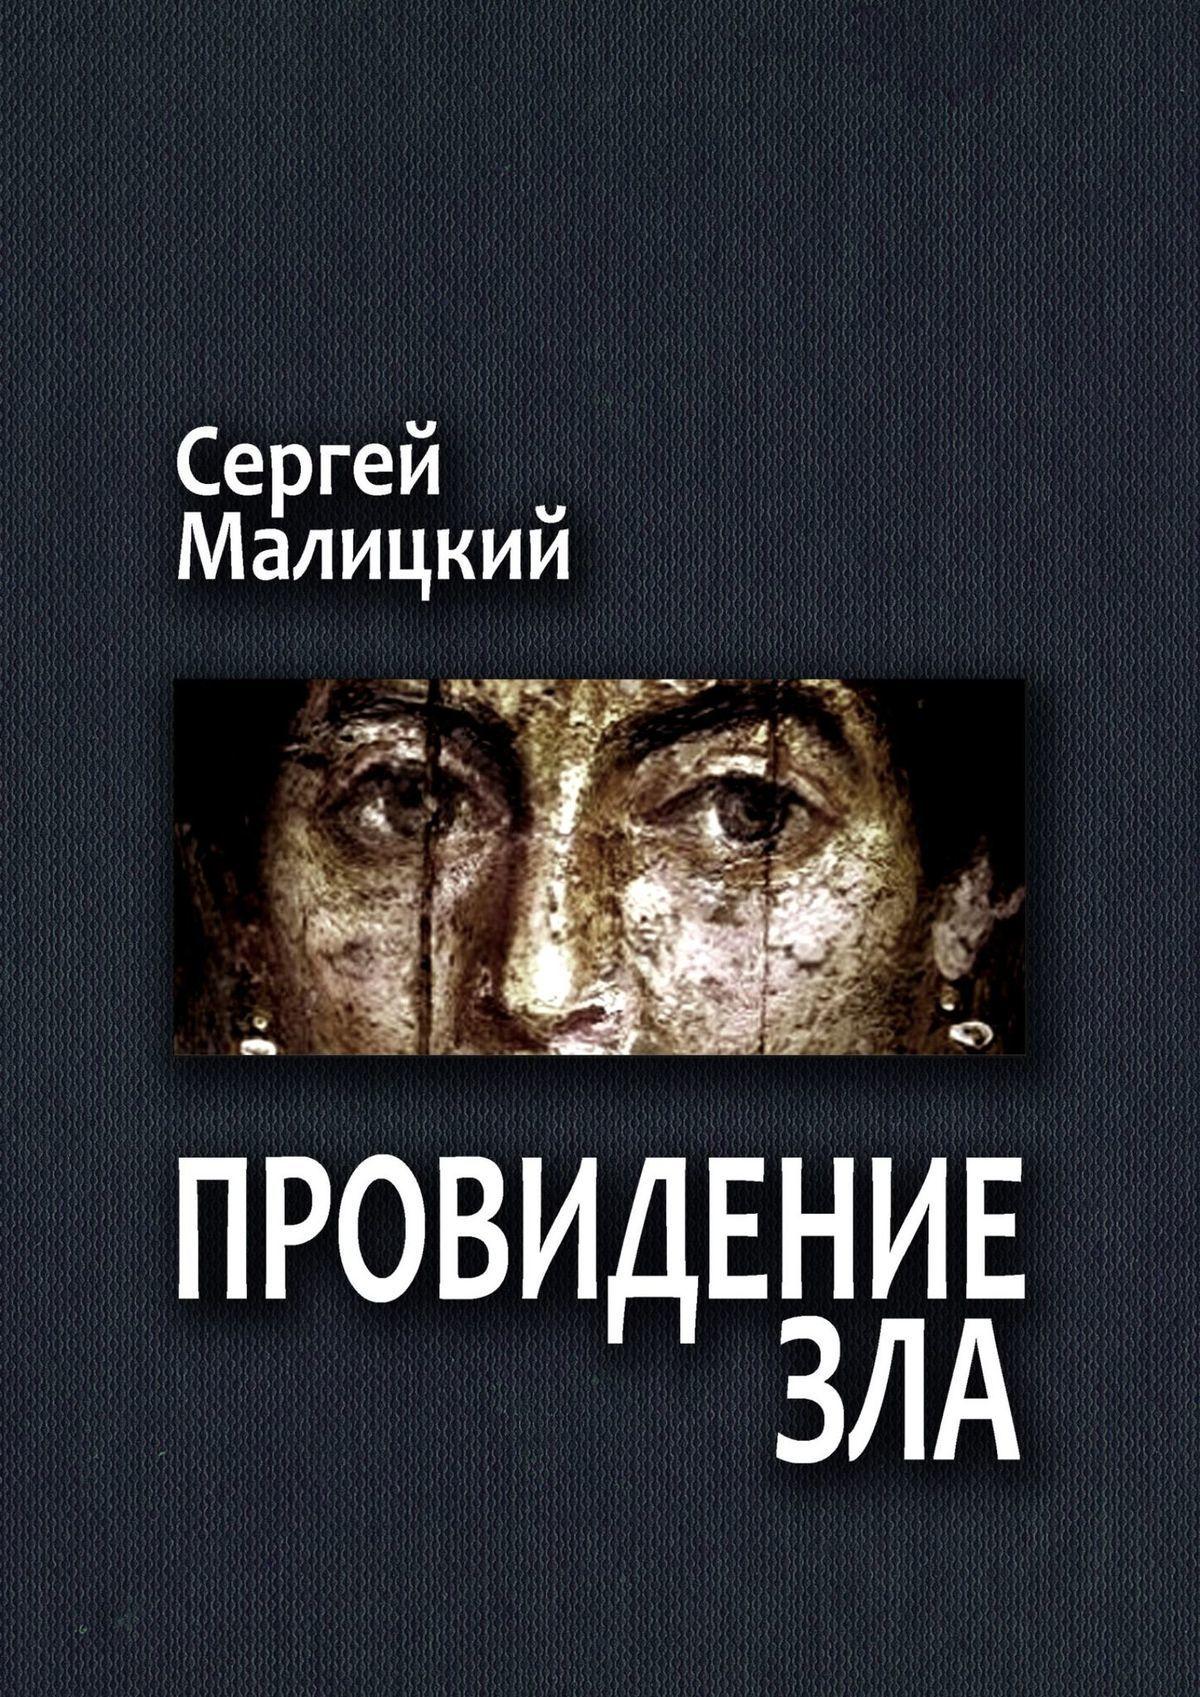 Сергей Малицкий - Провидение зла. Камни Митуту. Книга первая